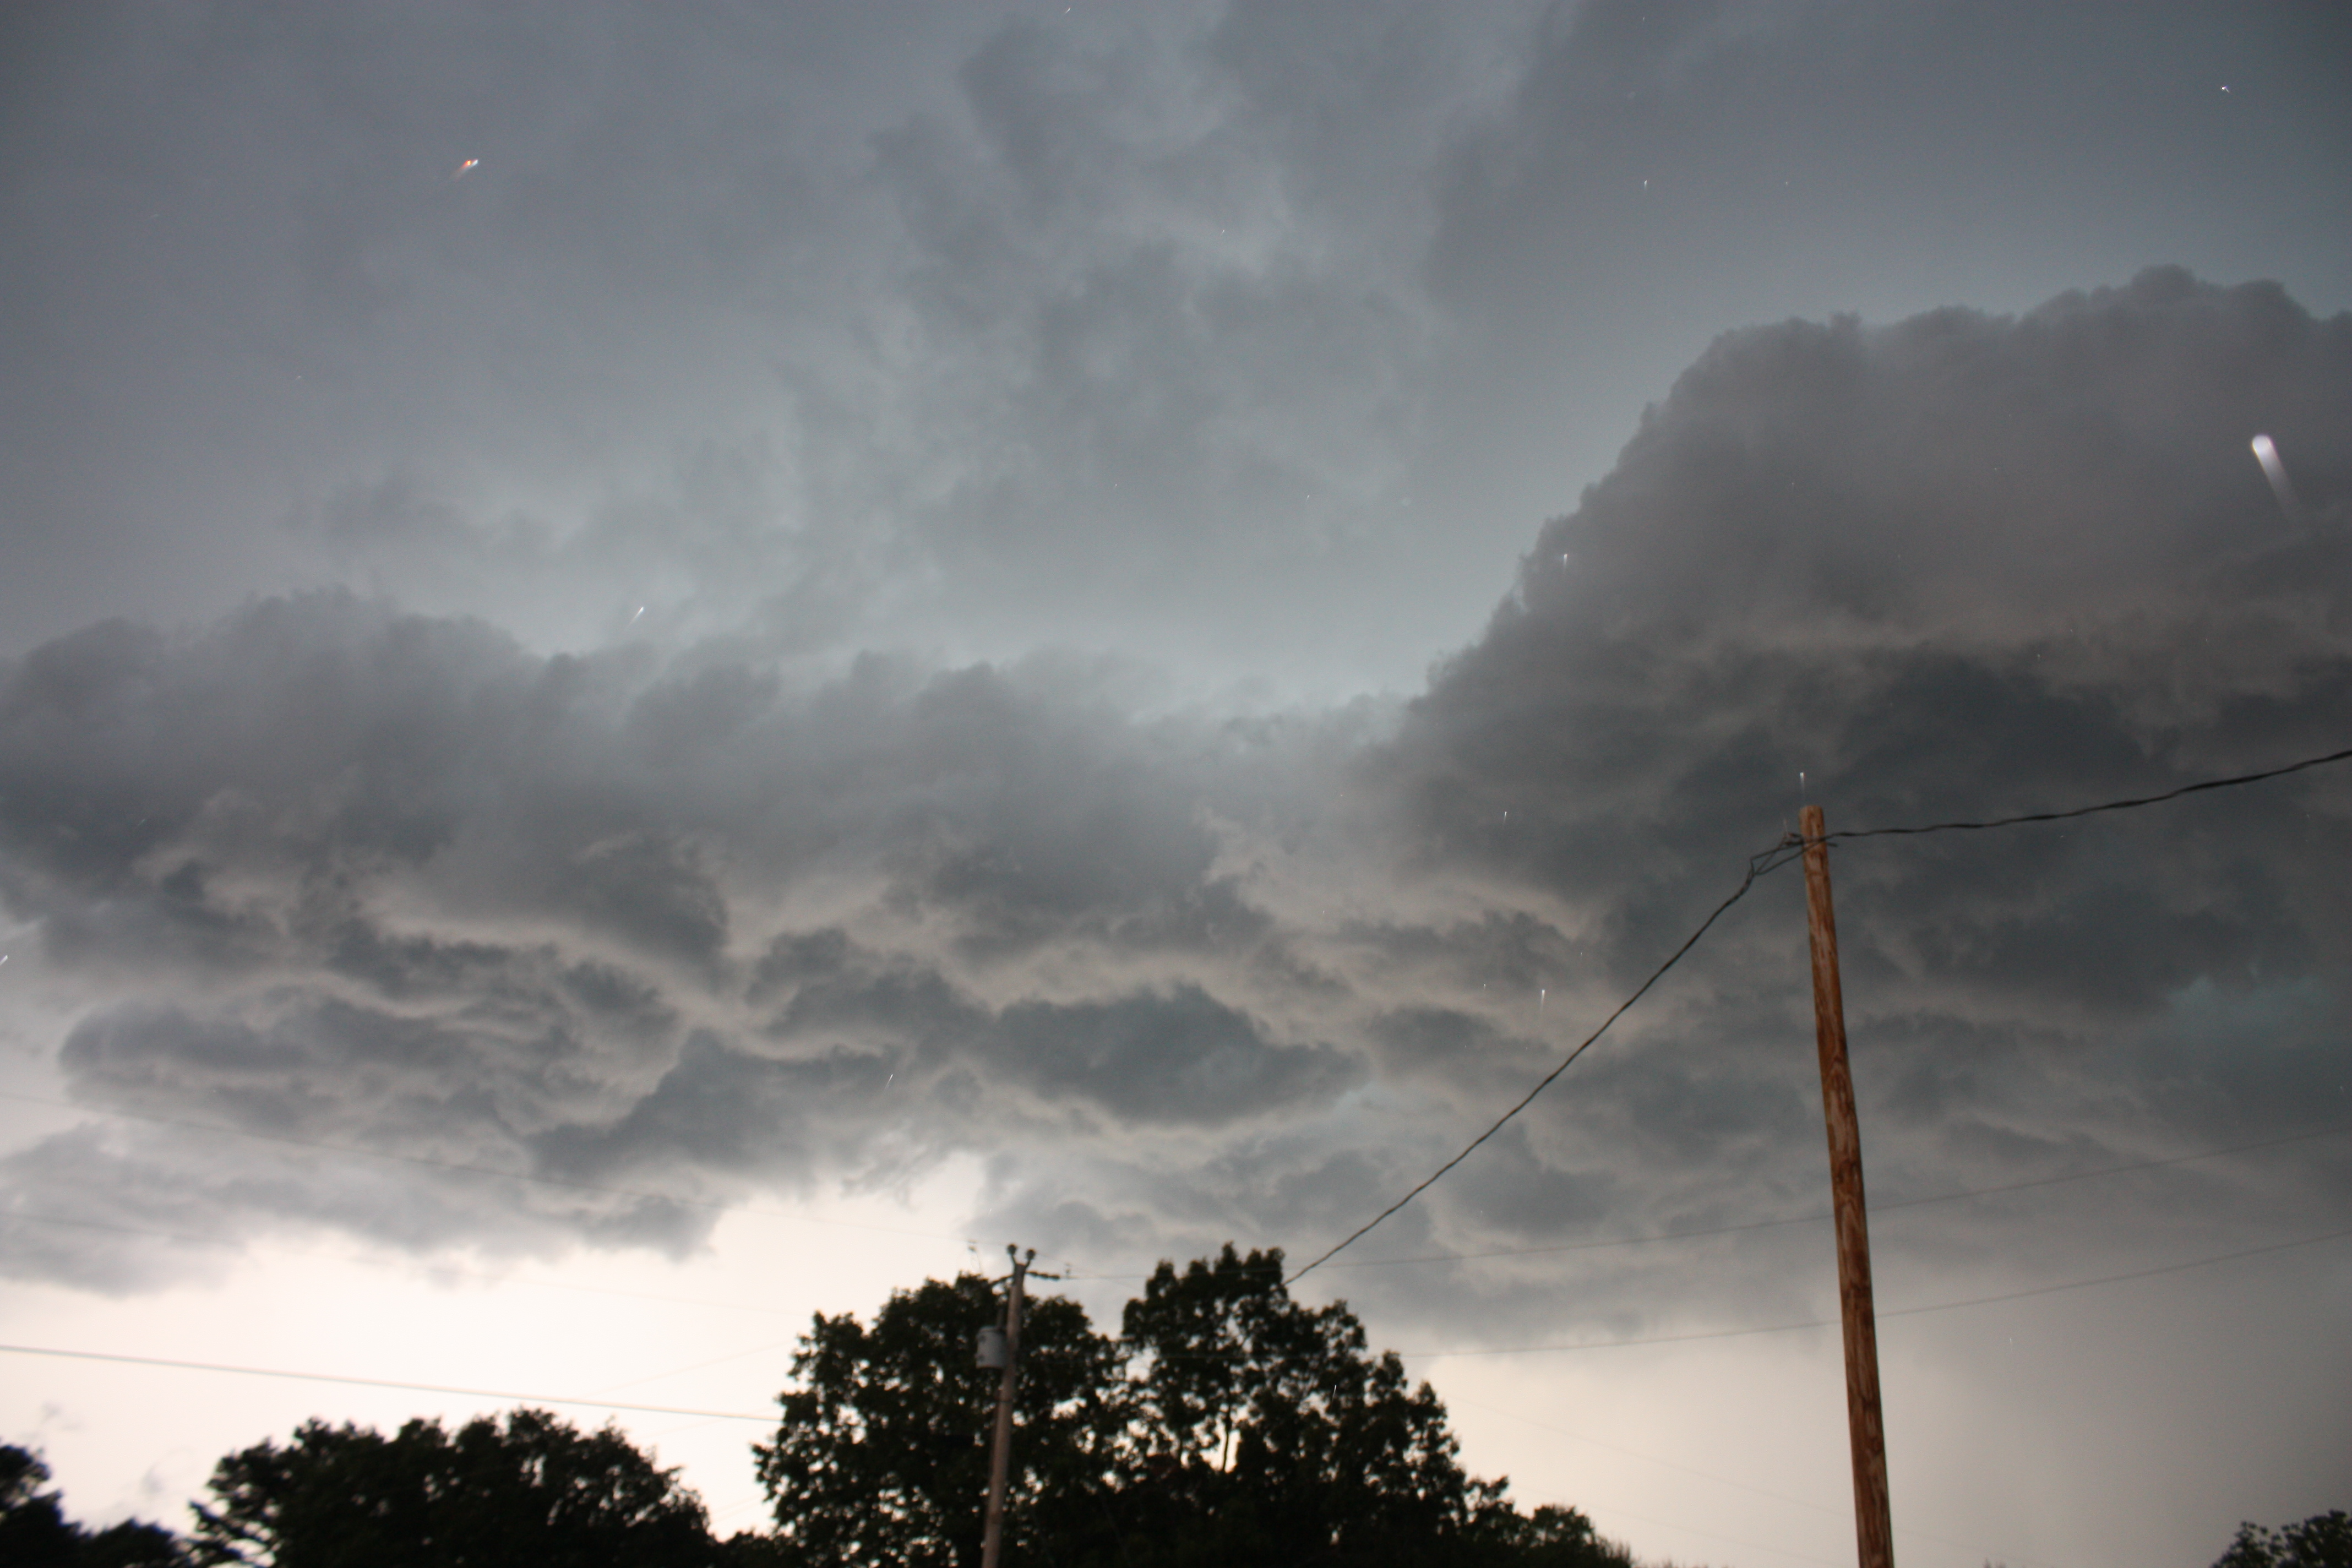 9-7-12 storm in Ozark